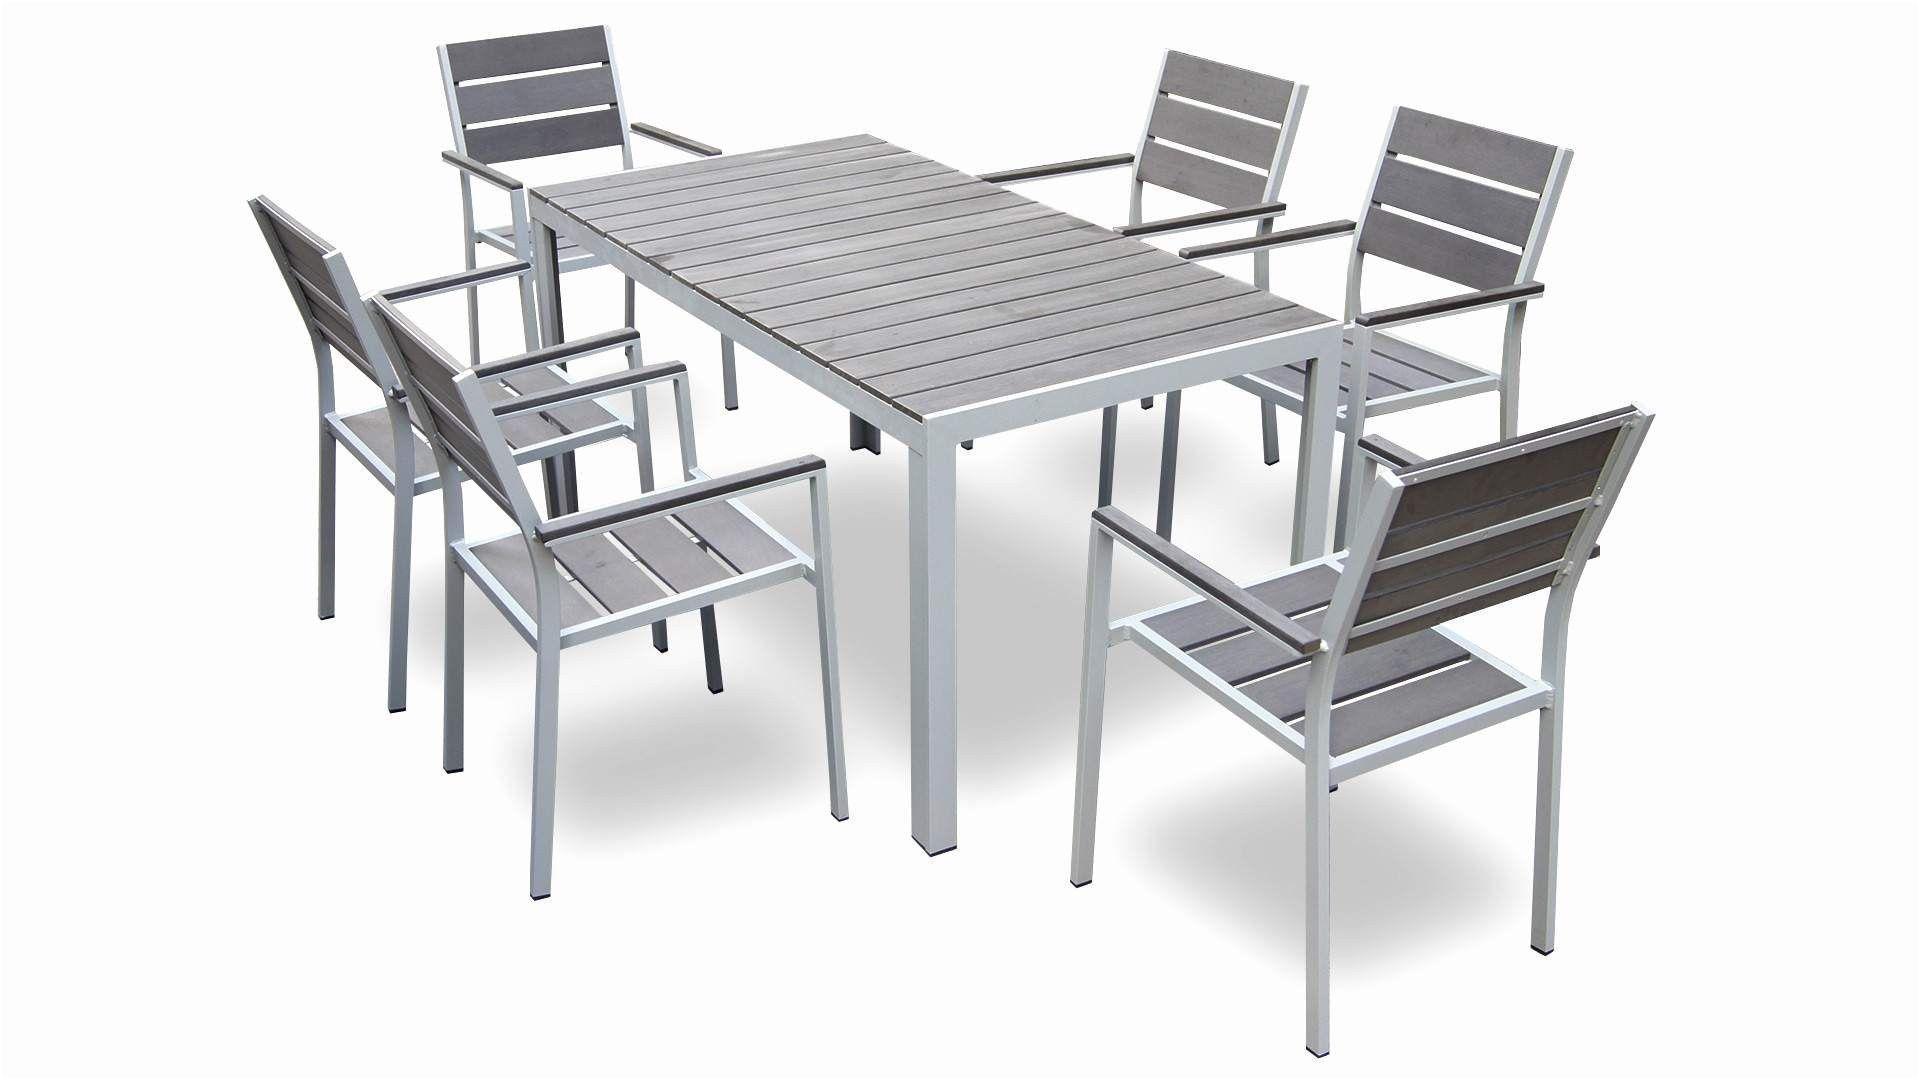 Table De Jardin Pas Chere Chaise De Jardin Pas Cher Table Et Chaise Jardin Pas Cher Co En 2020 Ensemble Table Et Chaise Table Et Chaises De Jardin Table Et Chaises